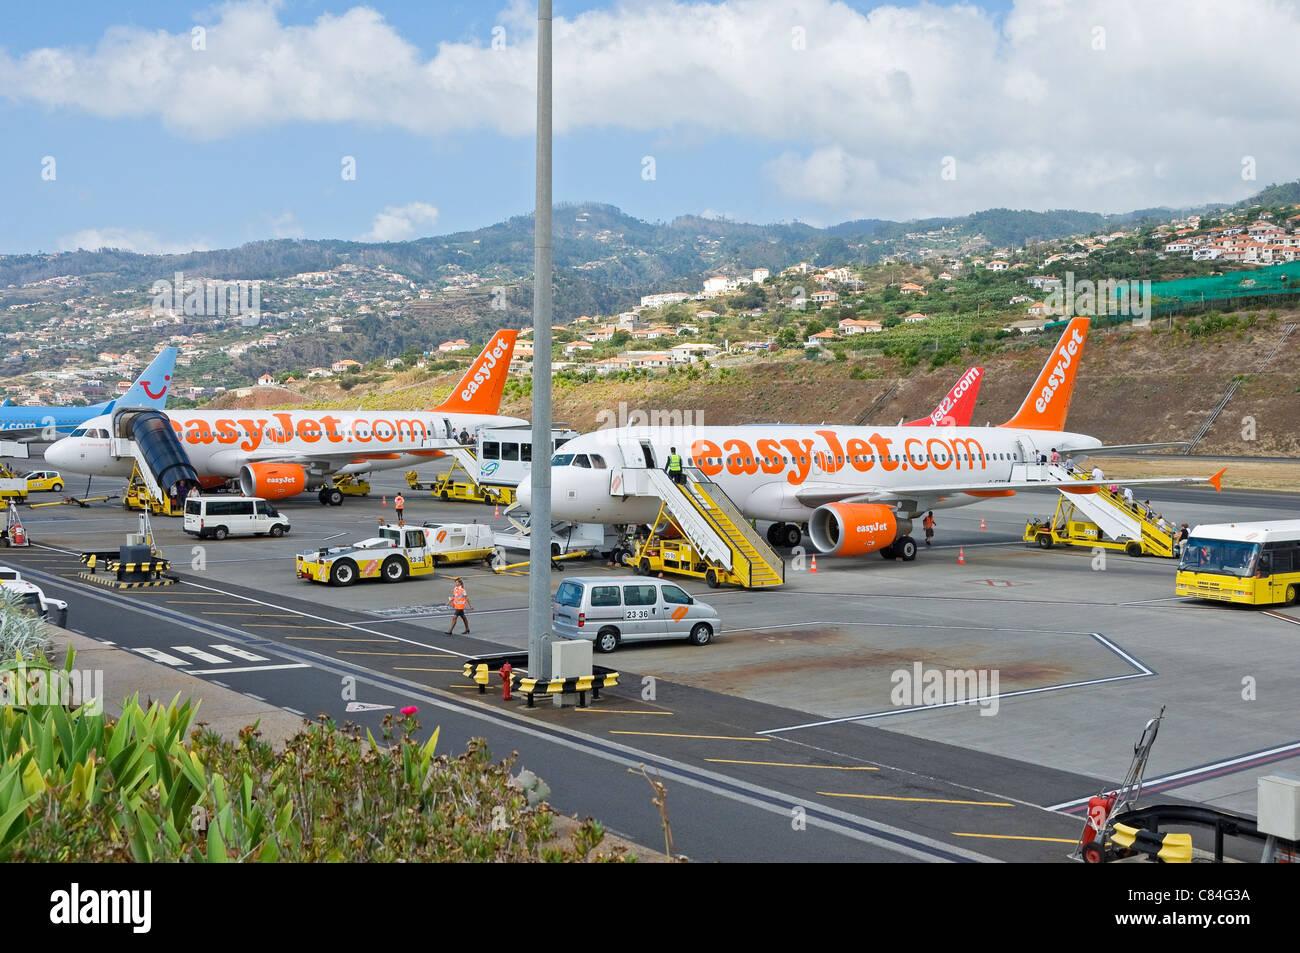 Les avions EasyJet stationné à l'aéroport de Funchal Madeira Portugal Europe de l'UE Photo Stock